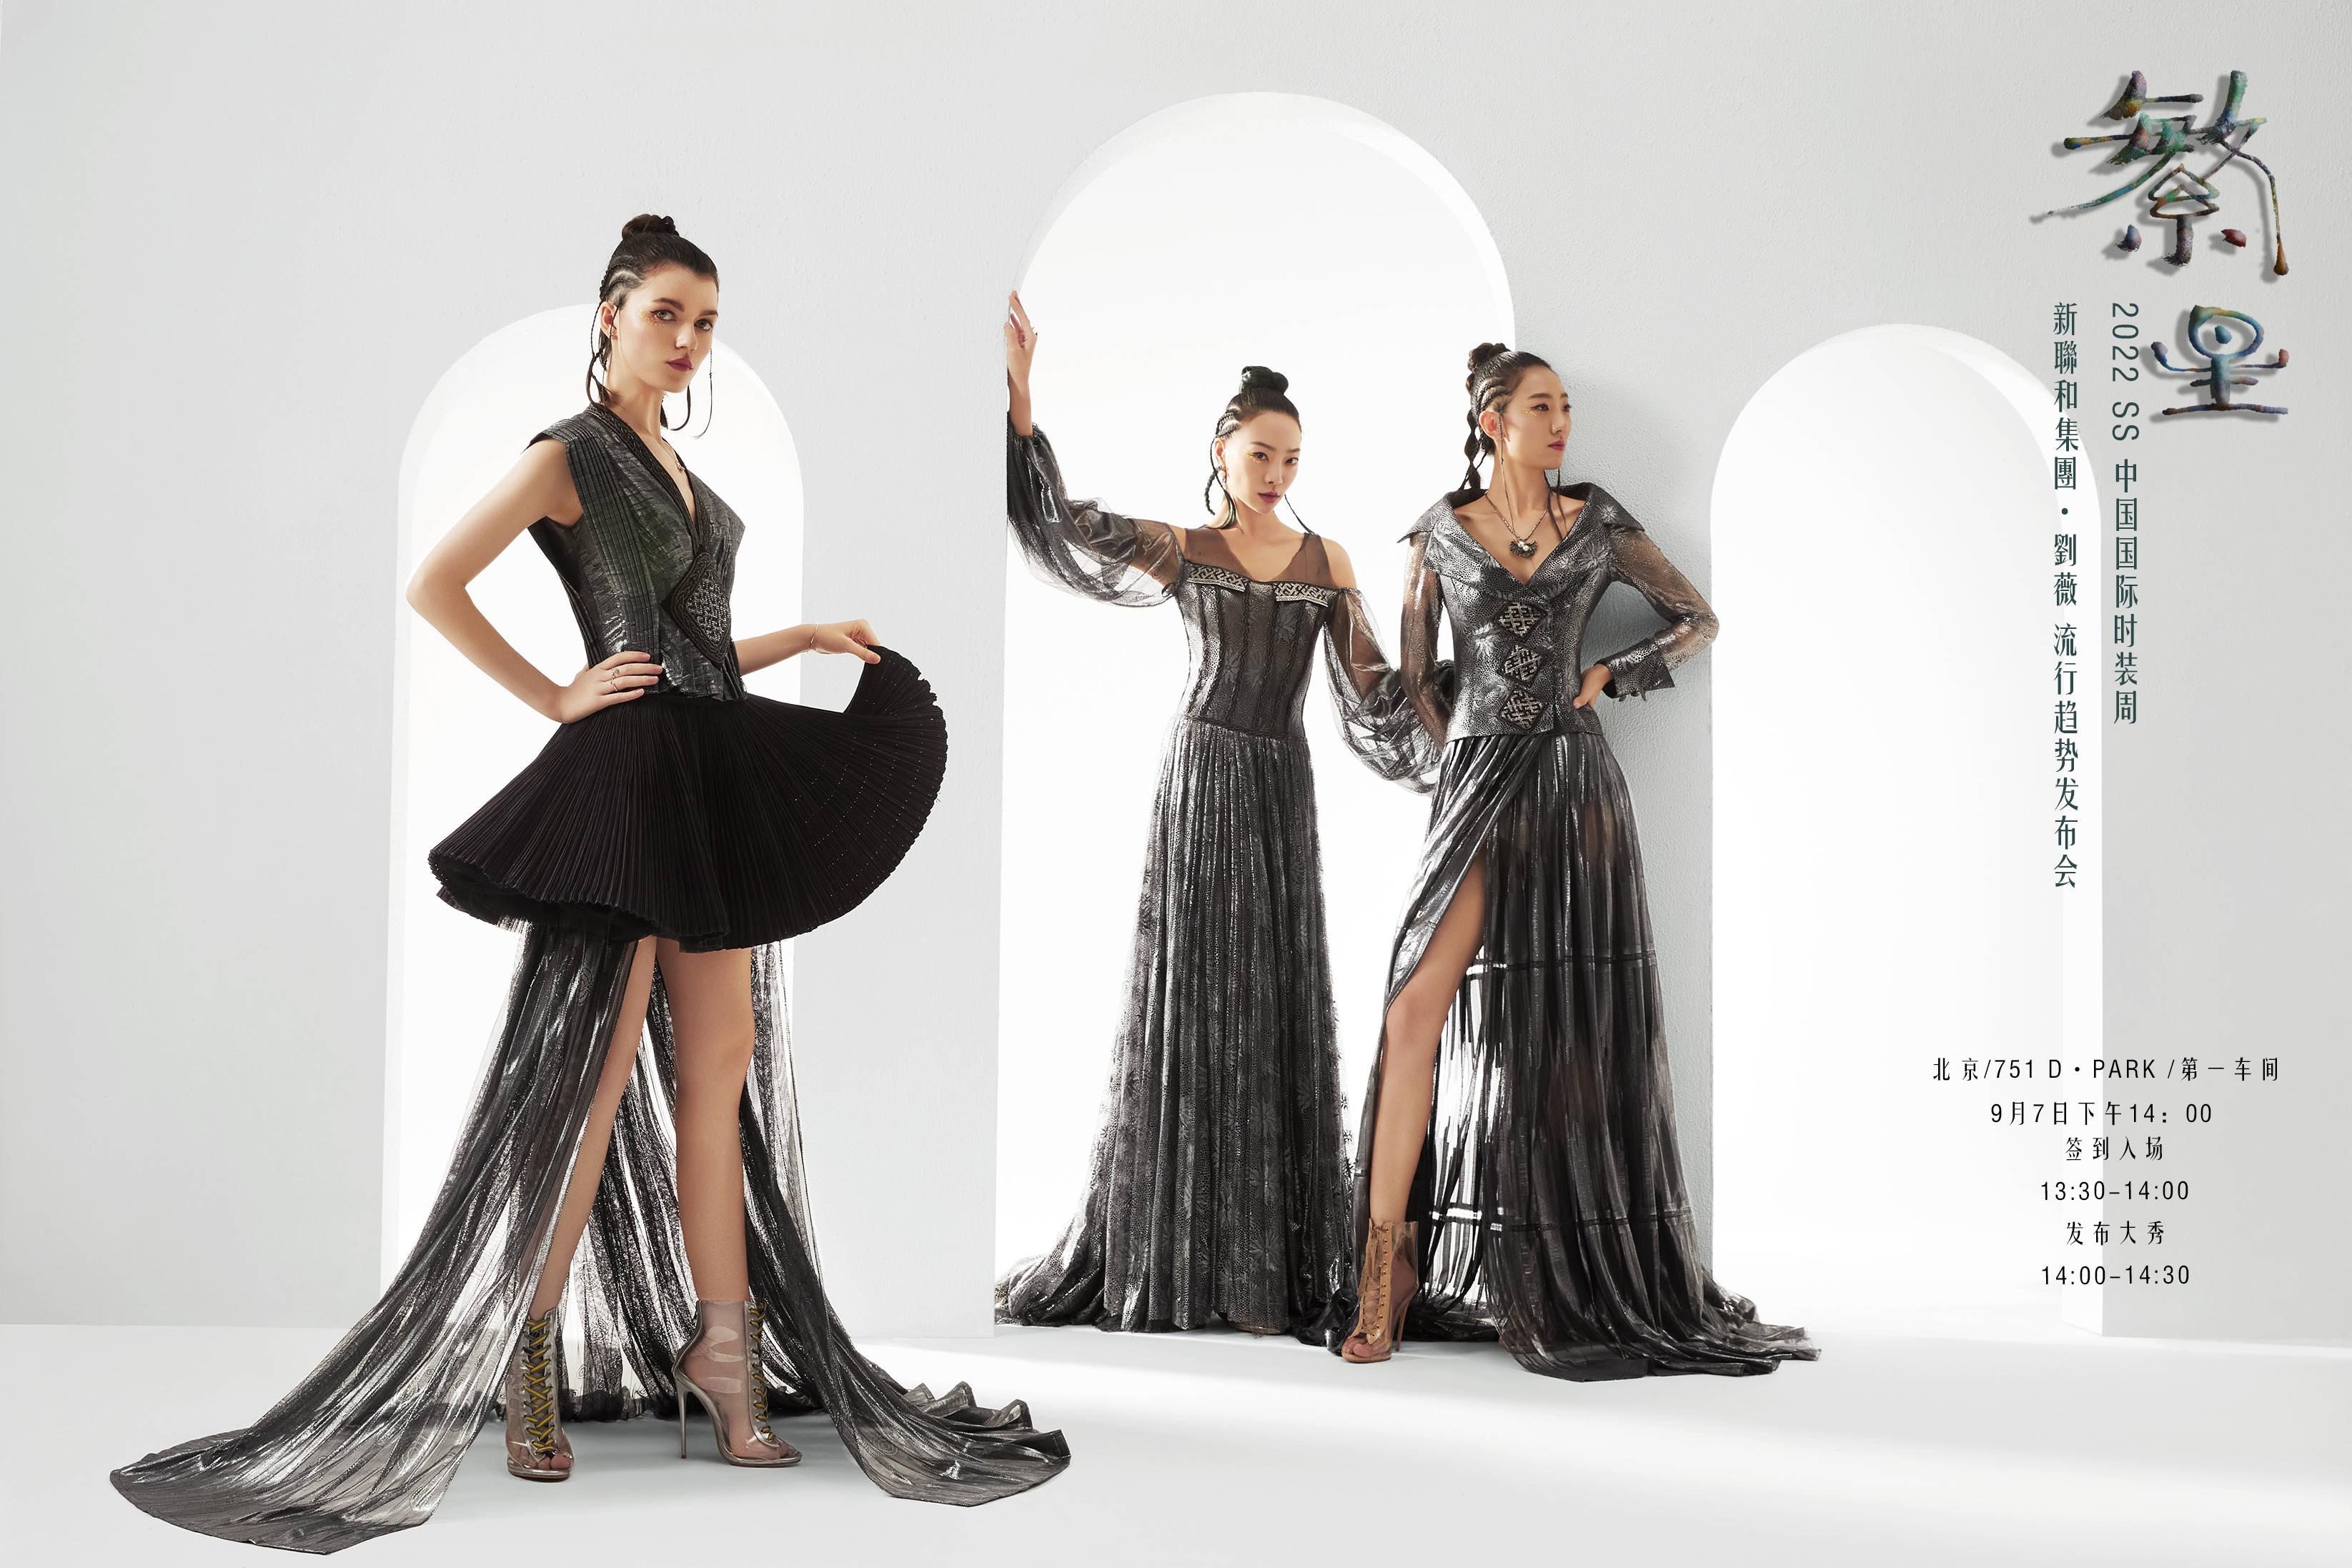 新联和集团·刘薇《繁星》发布秀即将亮相2022春夏中国国际时装周